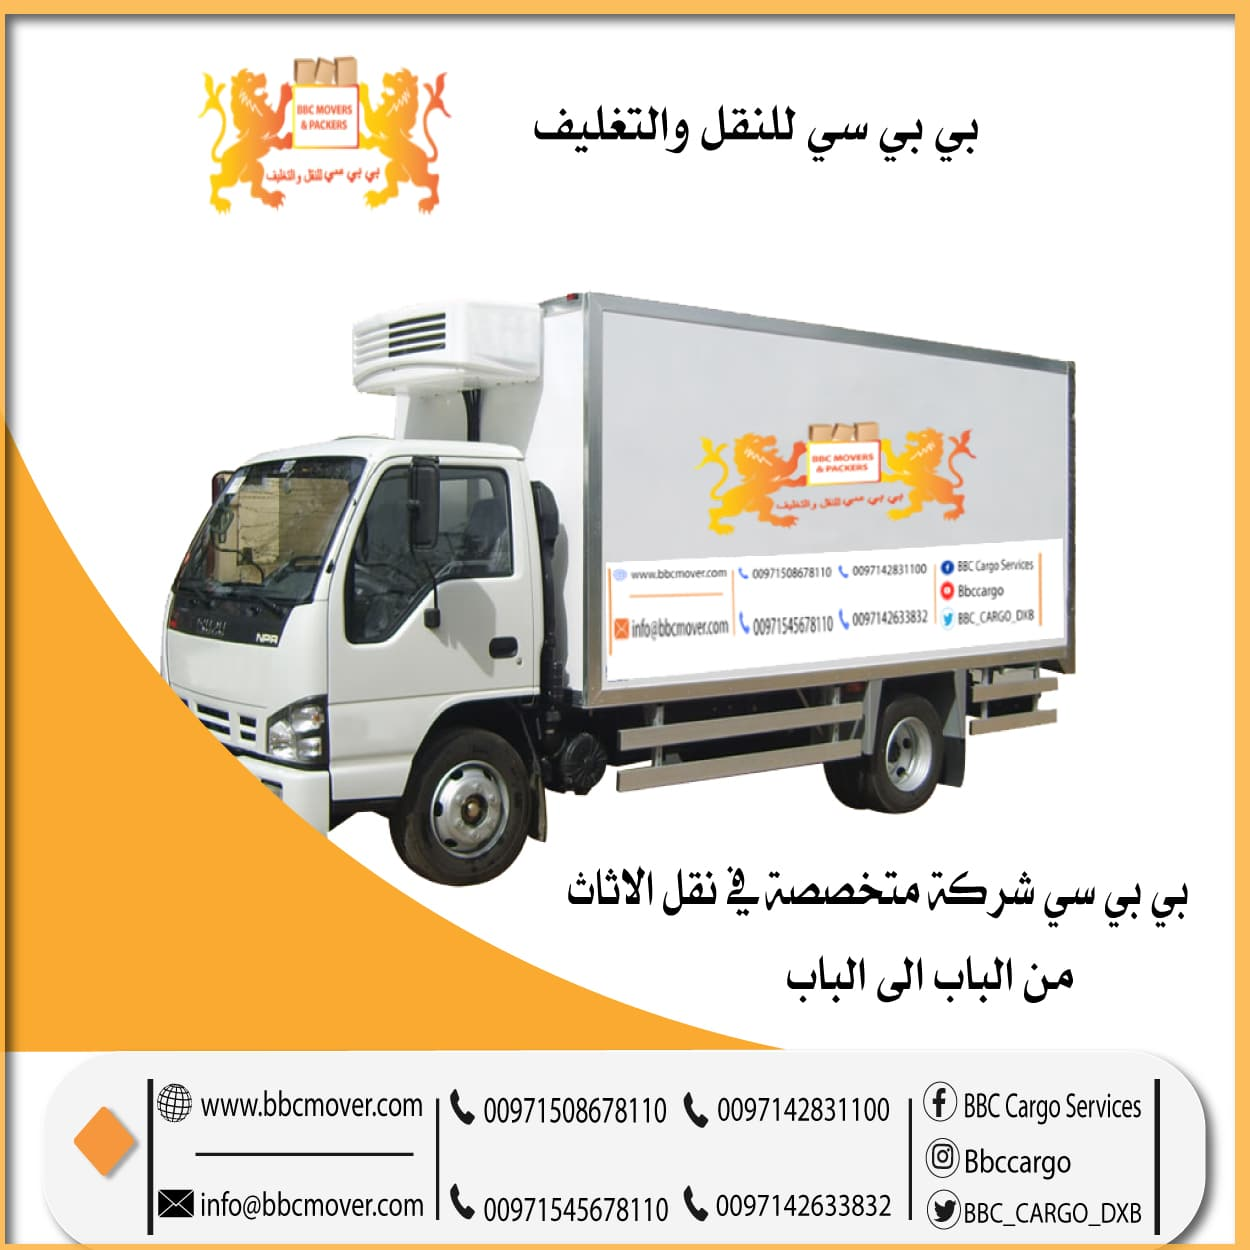 نقل الاثاث في الامارات 00971544995090